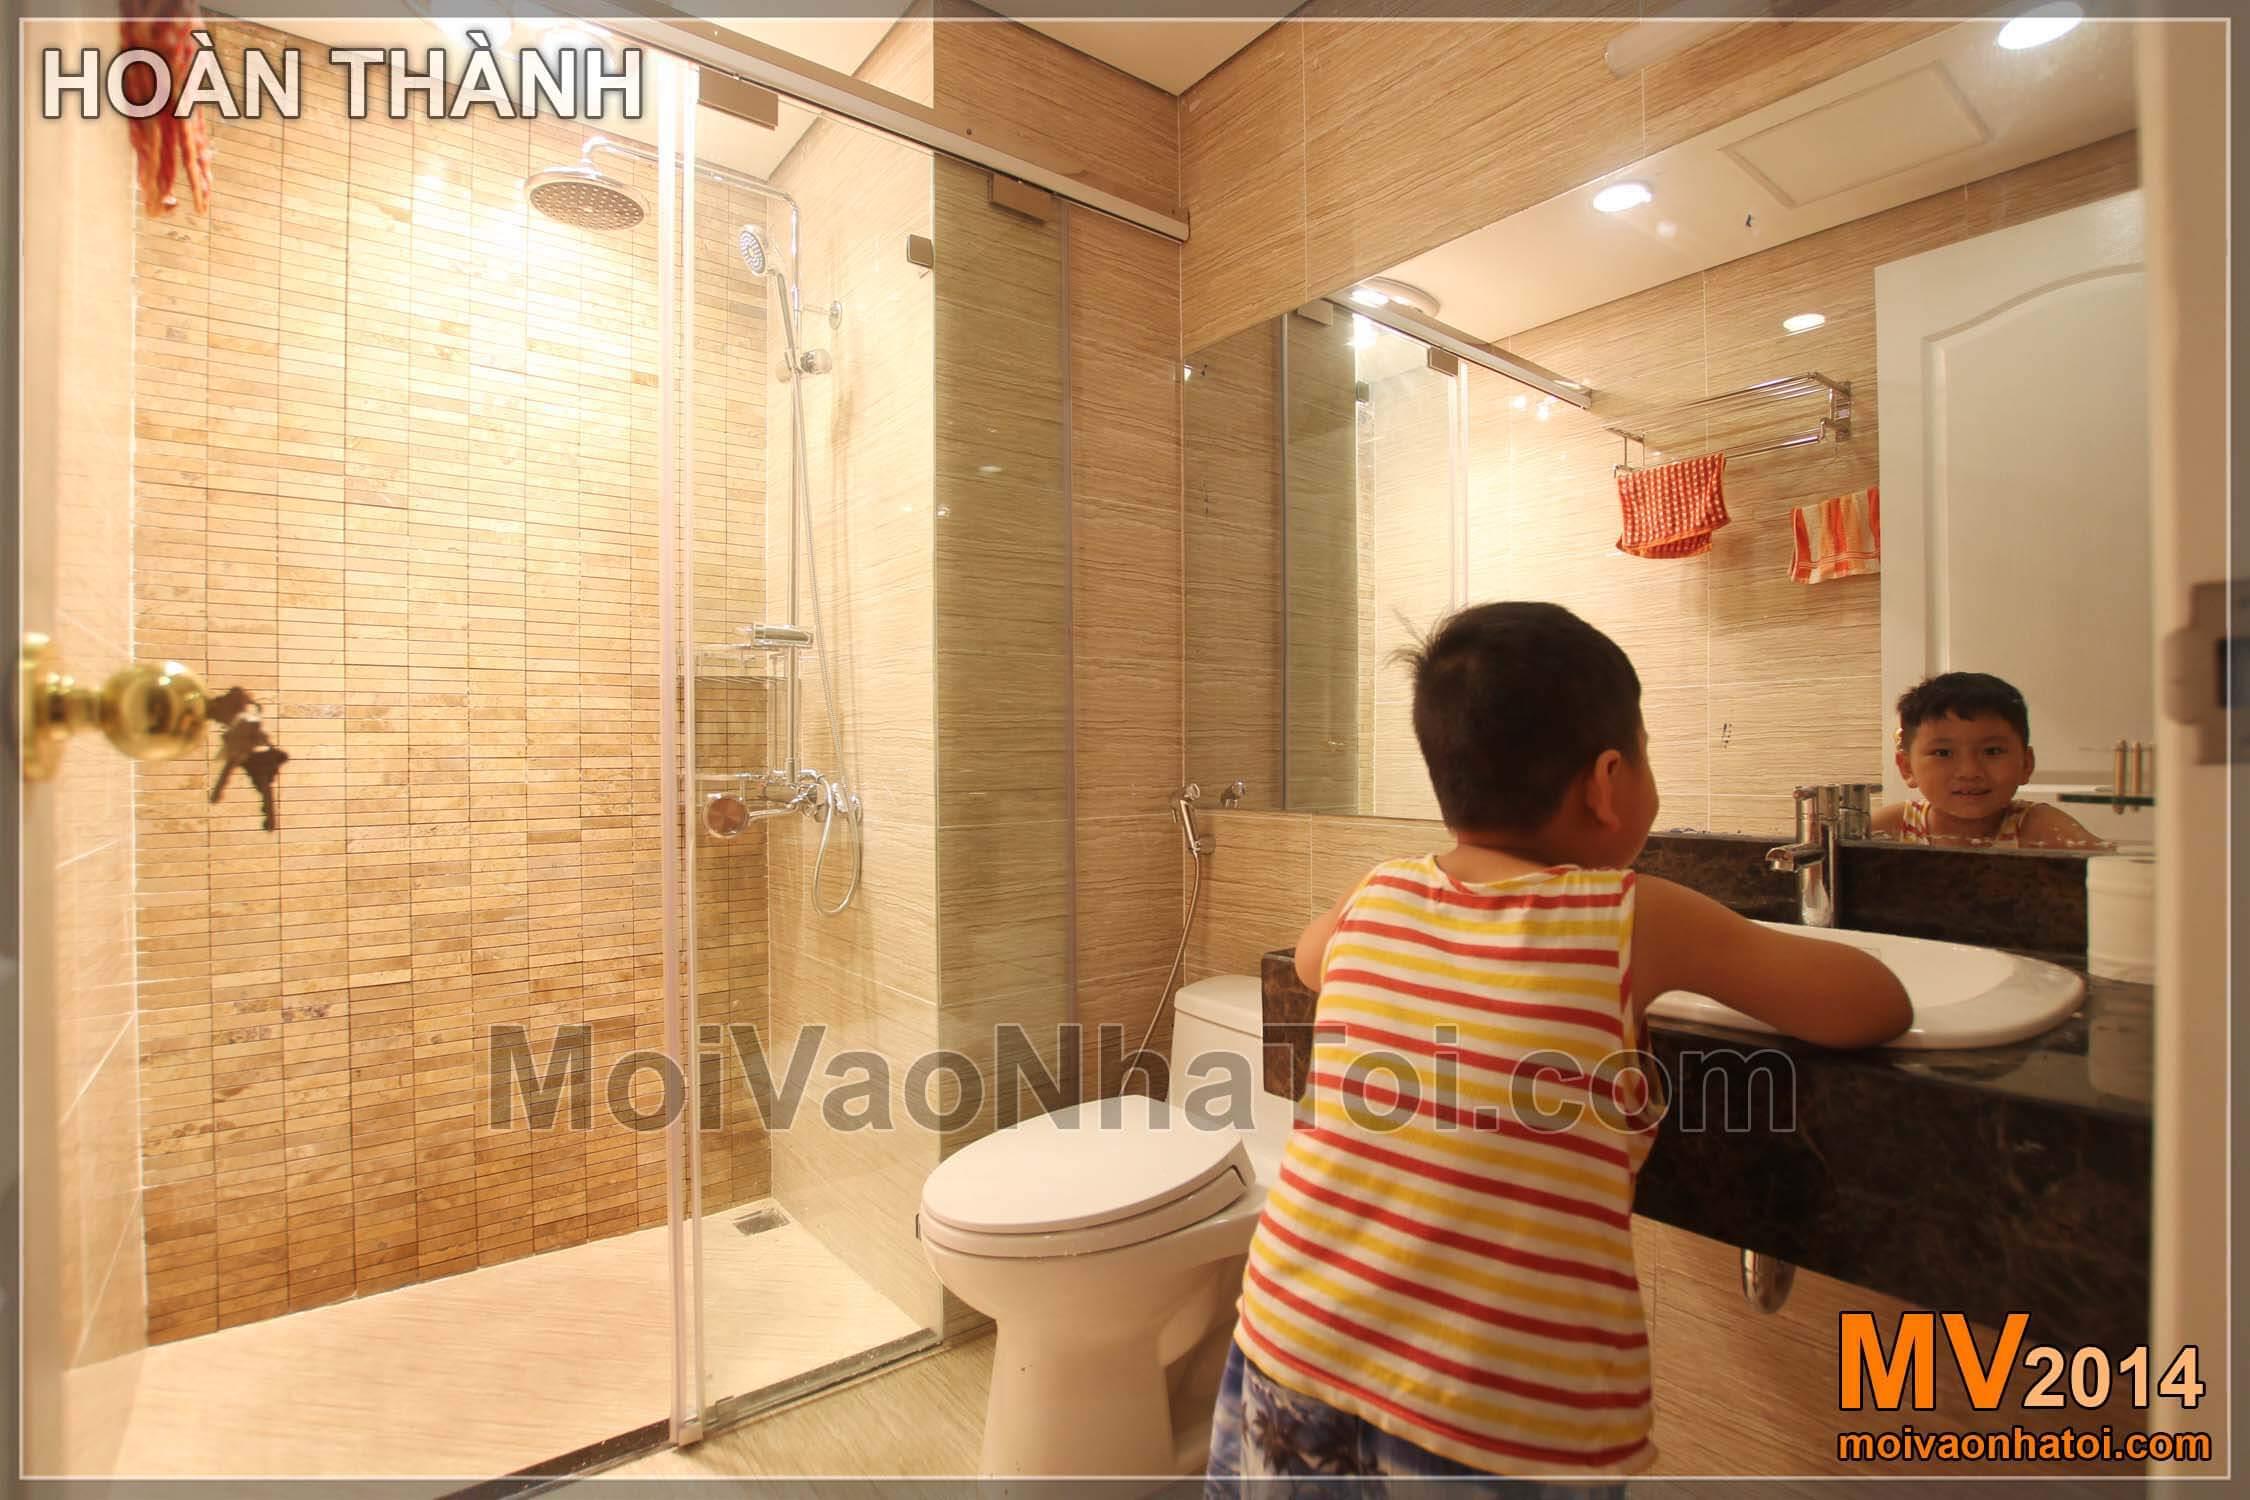 Nội thất phòng tắm vệ sinh sau khi hoàn thành